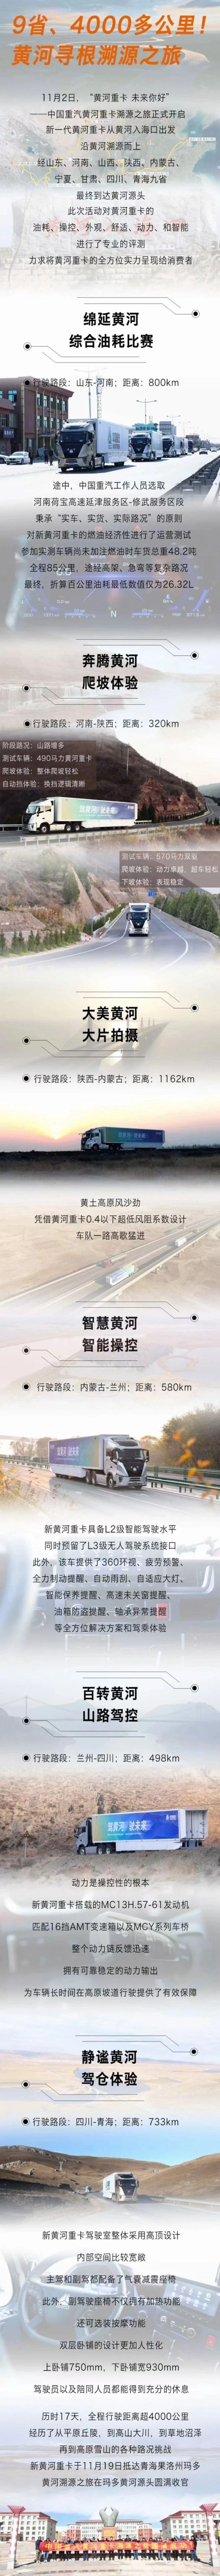 中国重汽黄河溯源之旅收官